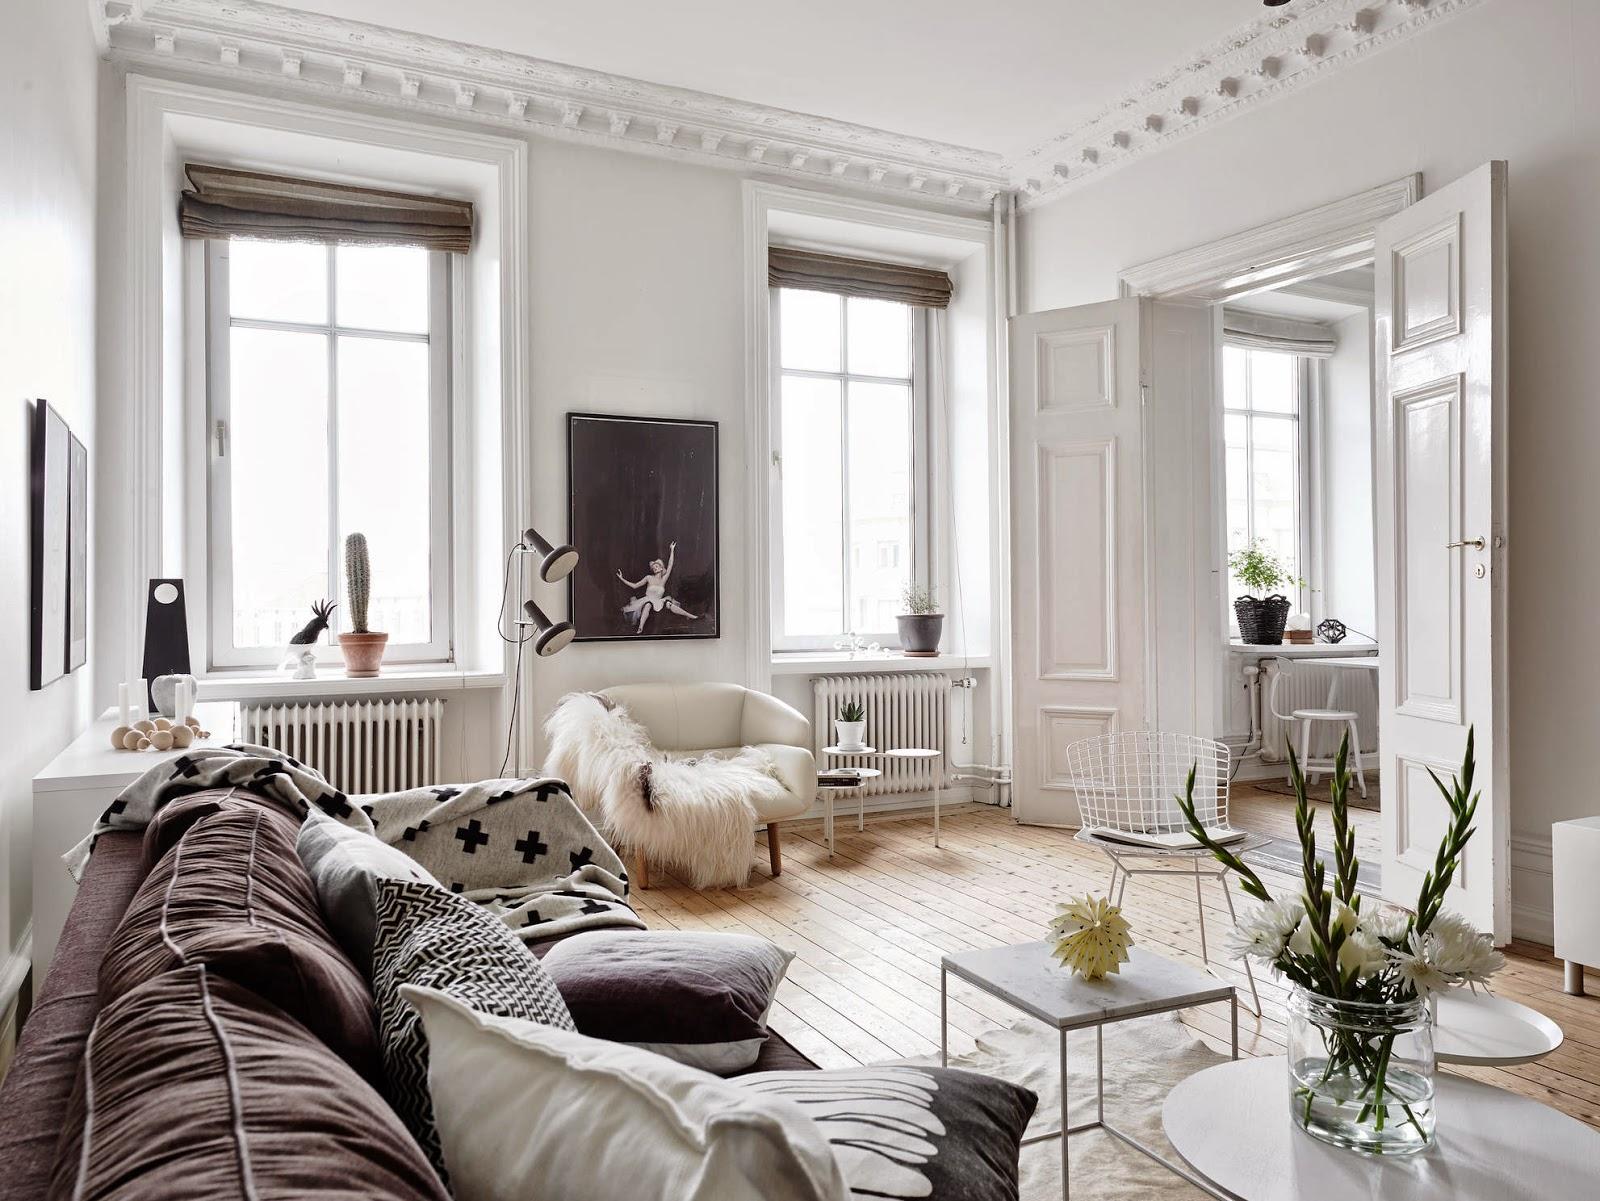 Apartment Balcony Bohemian: Beautiful bohemian kids bedroom ideas ...